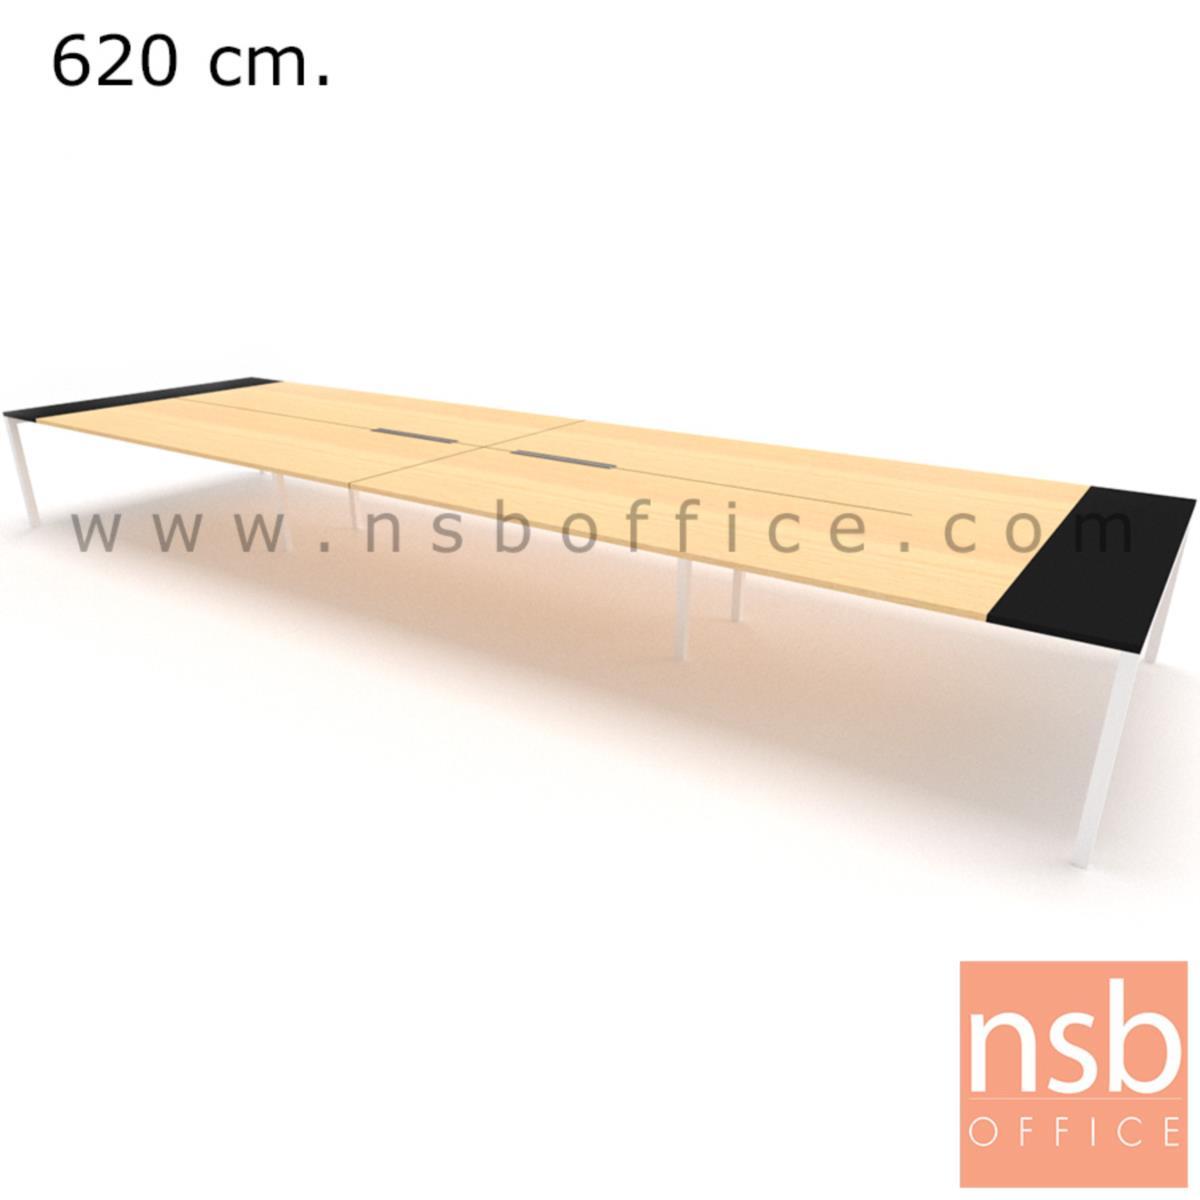 โต๊ะประชุมทรงสี่เหลี่ยม 180D cm. NSB-SQ18  พร้อม popup แบบสองทาง